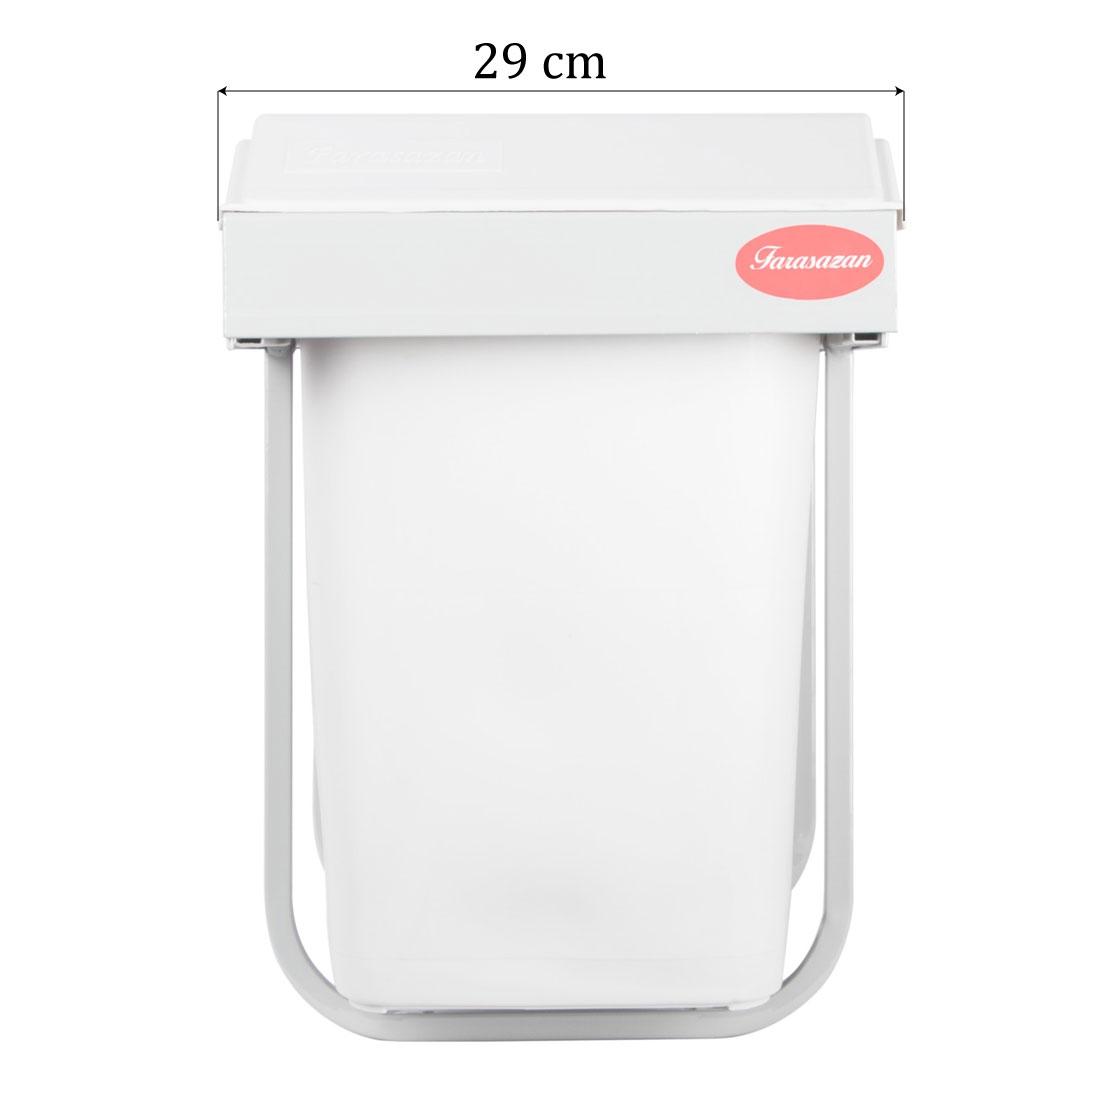 سطل زباله کابینتی فراسازان